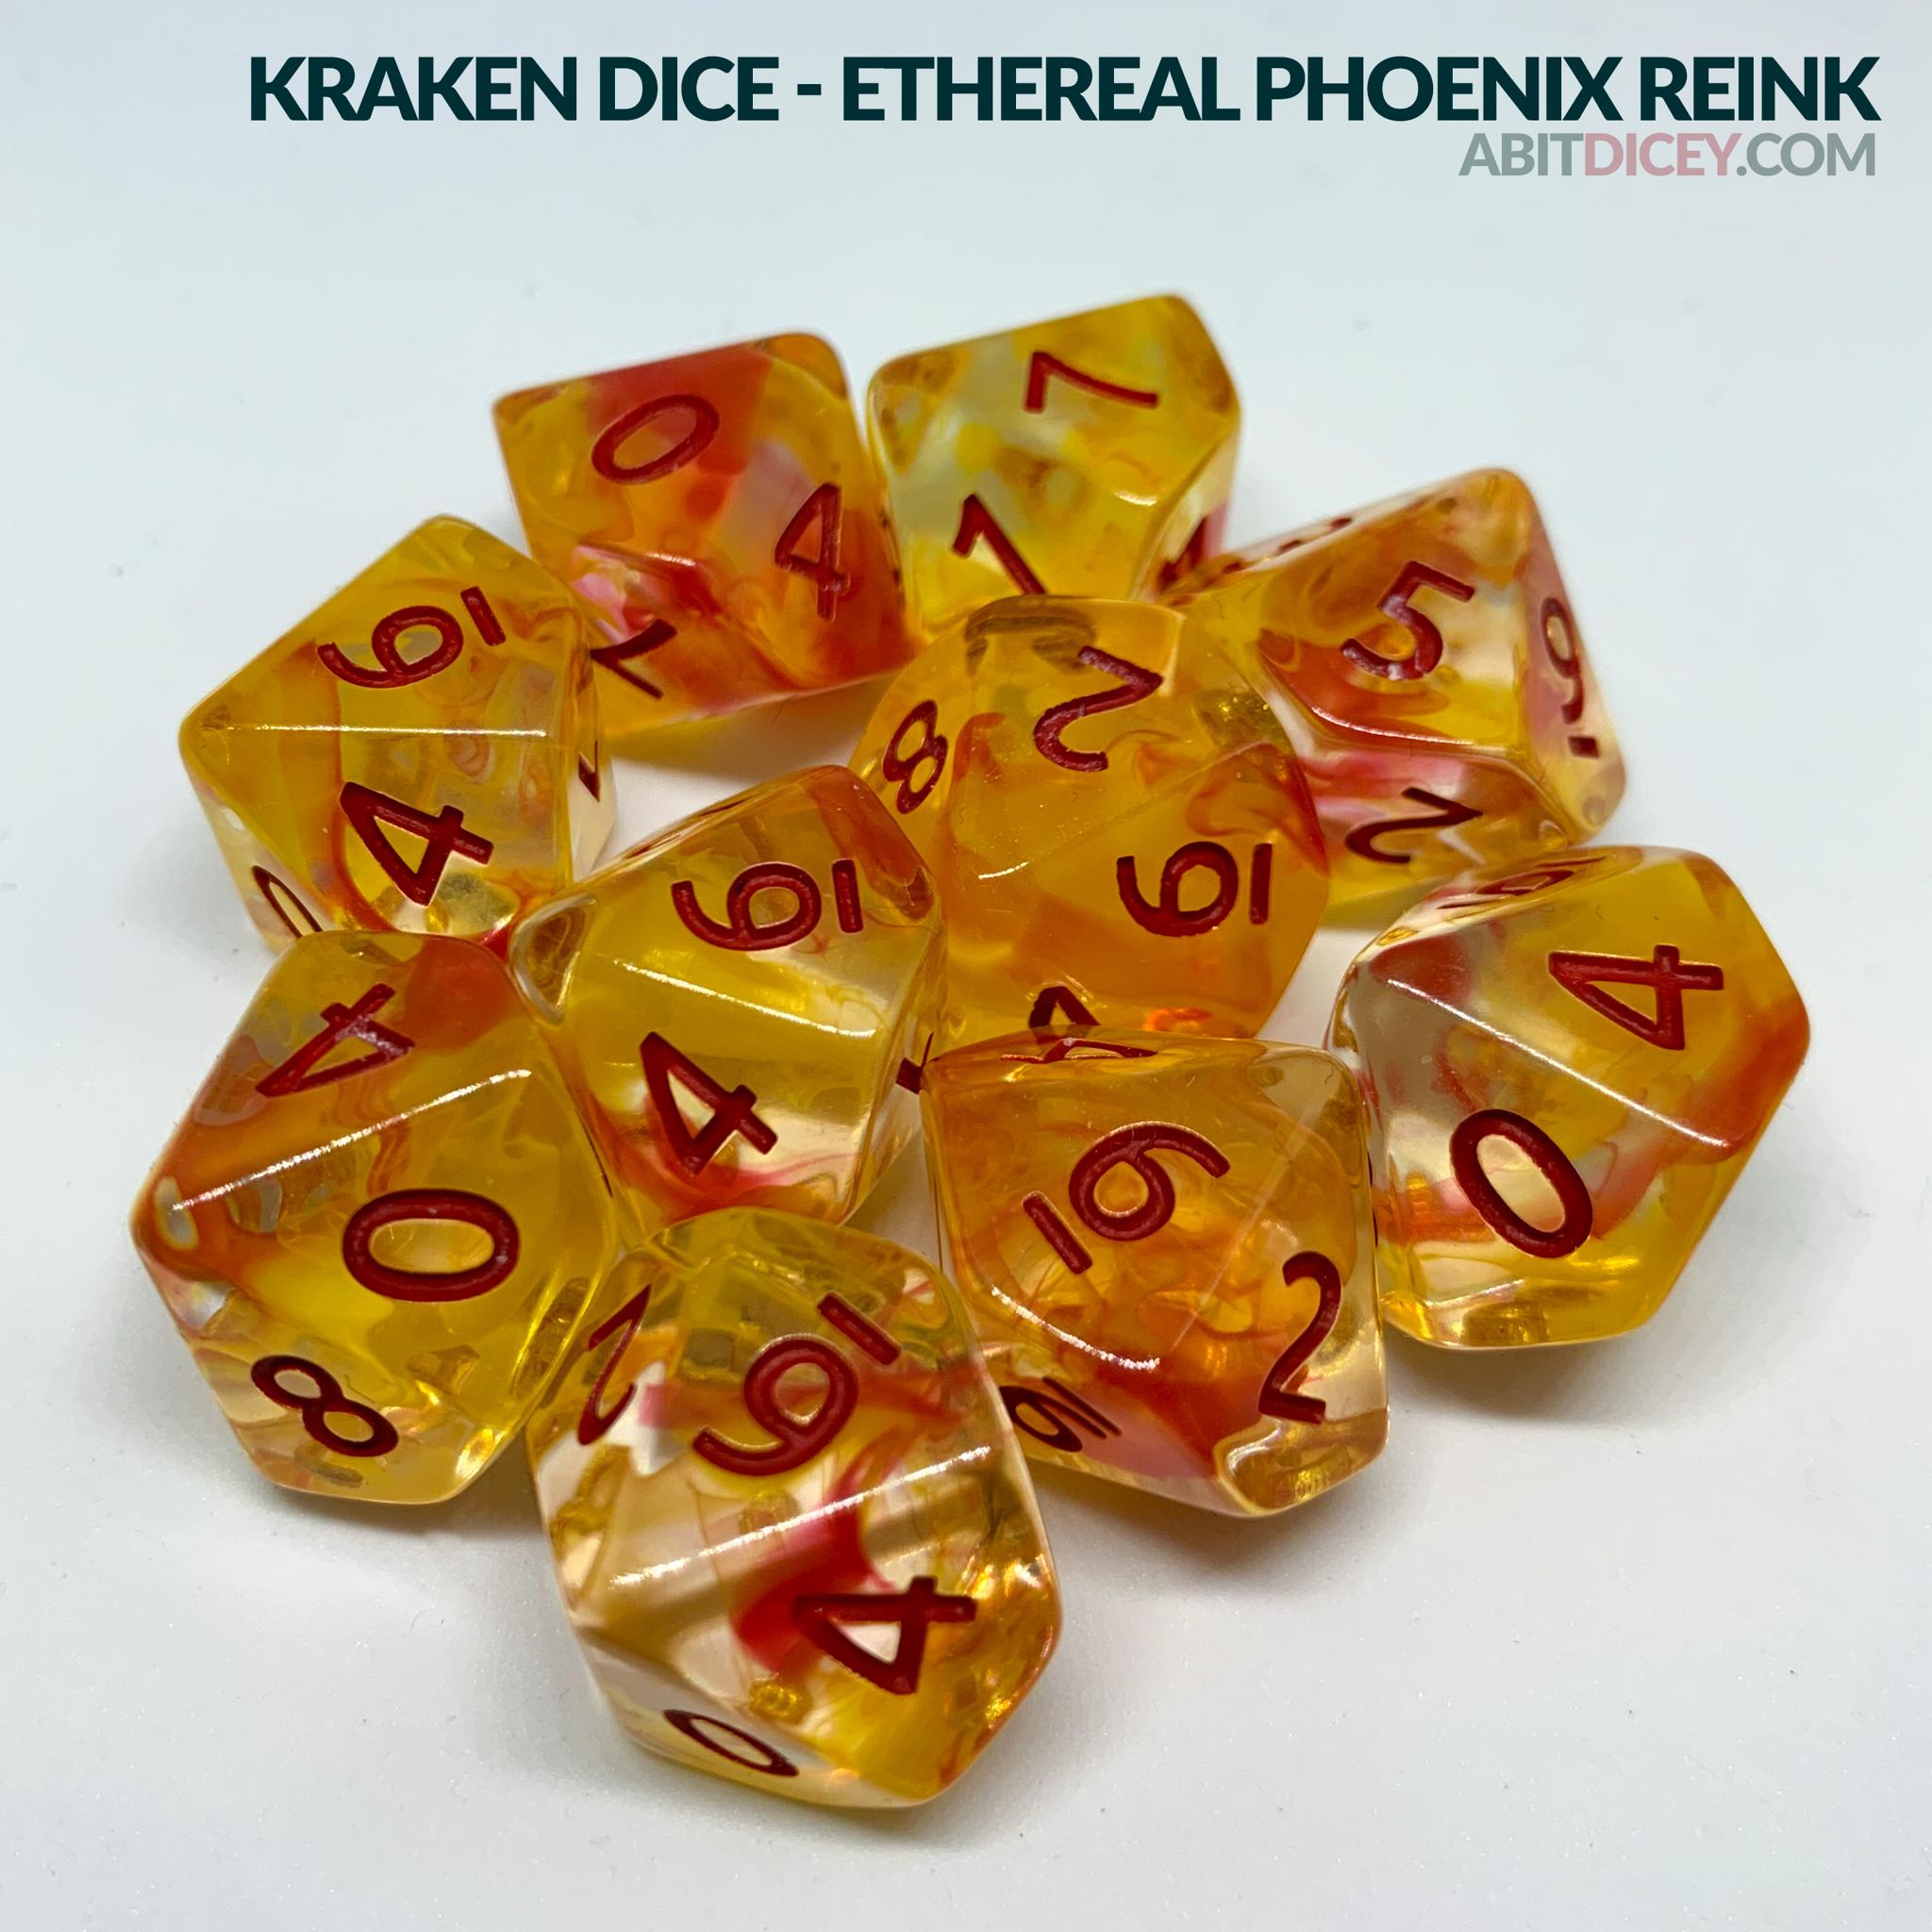 Kraken Dice - Ethereal Phoenix Reink